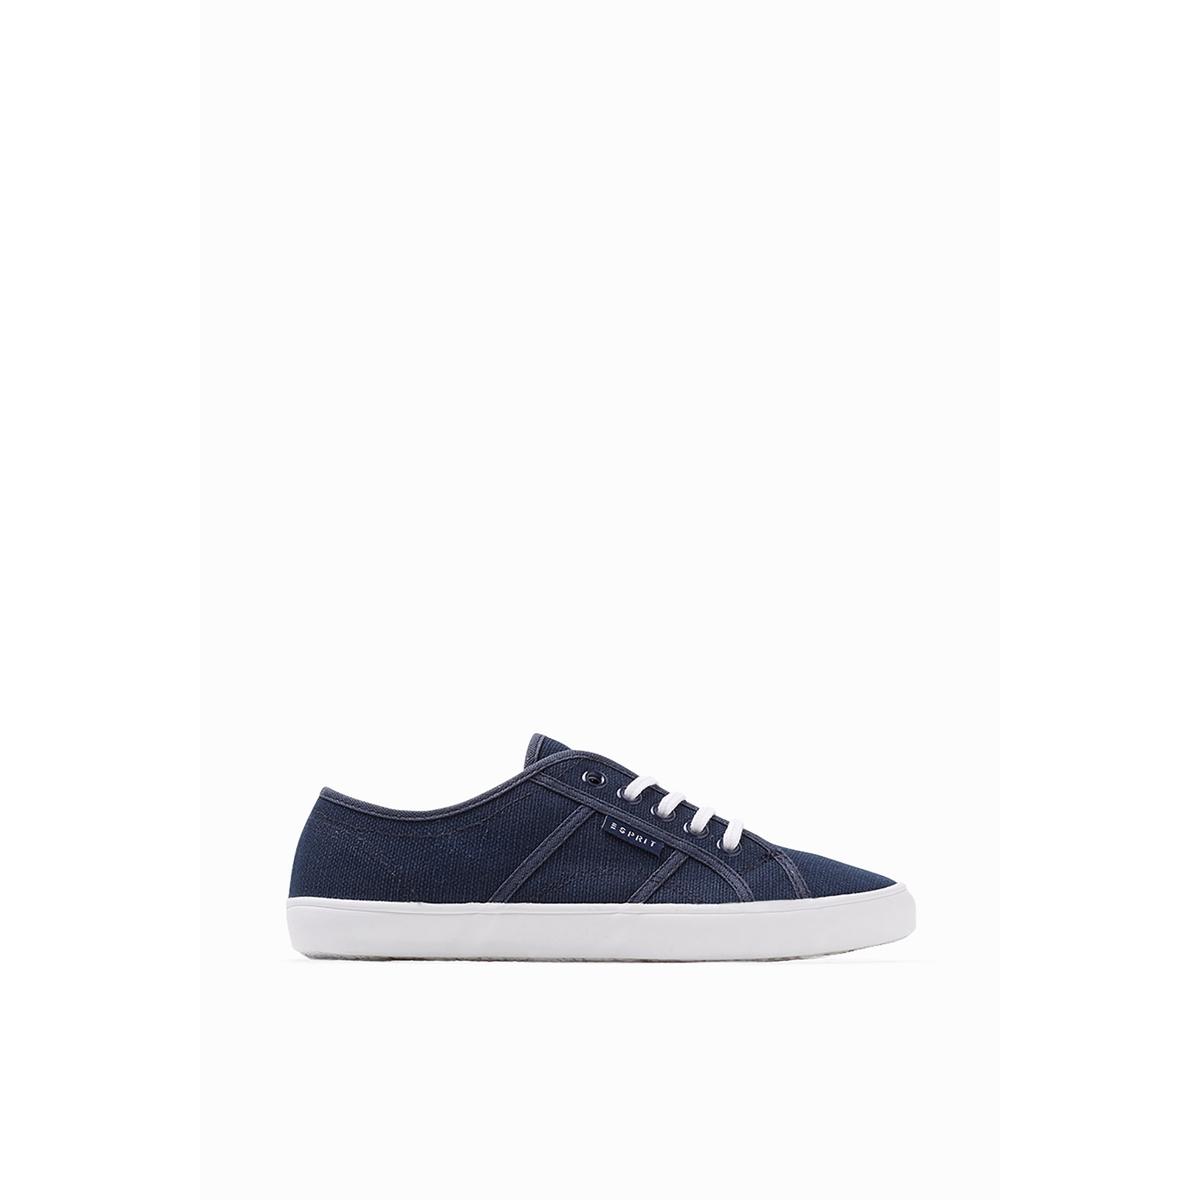 Кеды тканевые ItaliaДетали   •  Спортивный стиль •  Плоский каблук •  Высота каблука : 2 см.  •  Застежка : шнуровка.Состав и уход   • Верх 100% хлопок •  Подкладка 100% текстиль •  Стелька 100% хлопок  •  Подошва 100% каучук<br><br>Цвет: синий морской<br>Размер: 40